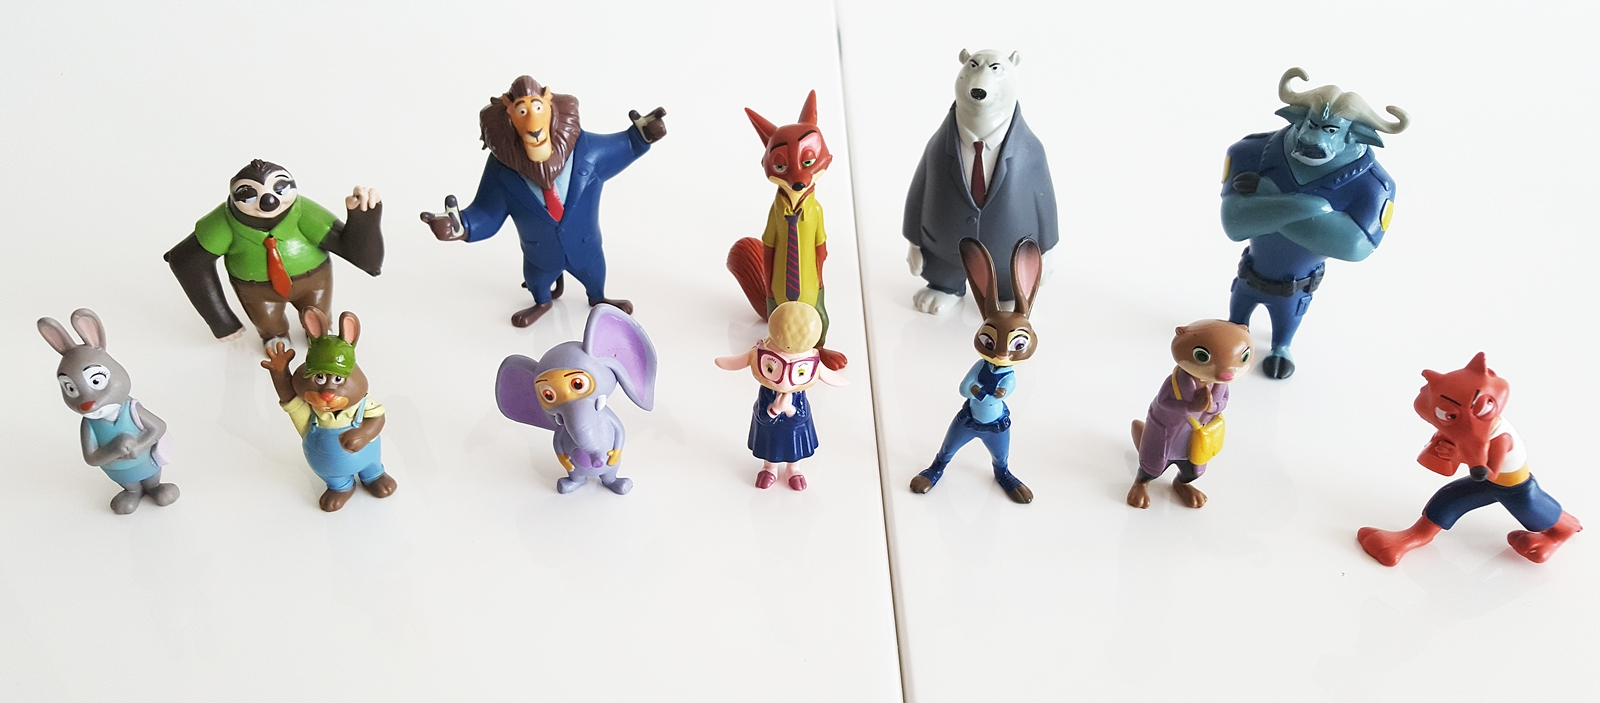 Disney Princess Cake Kit With  Figurines Amp